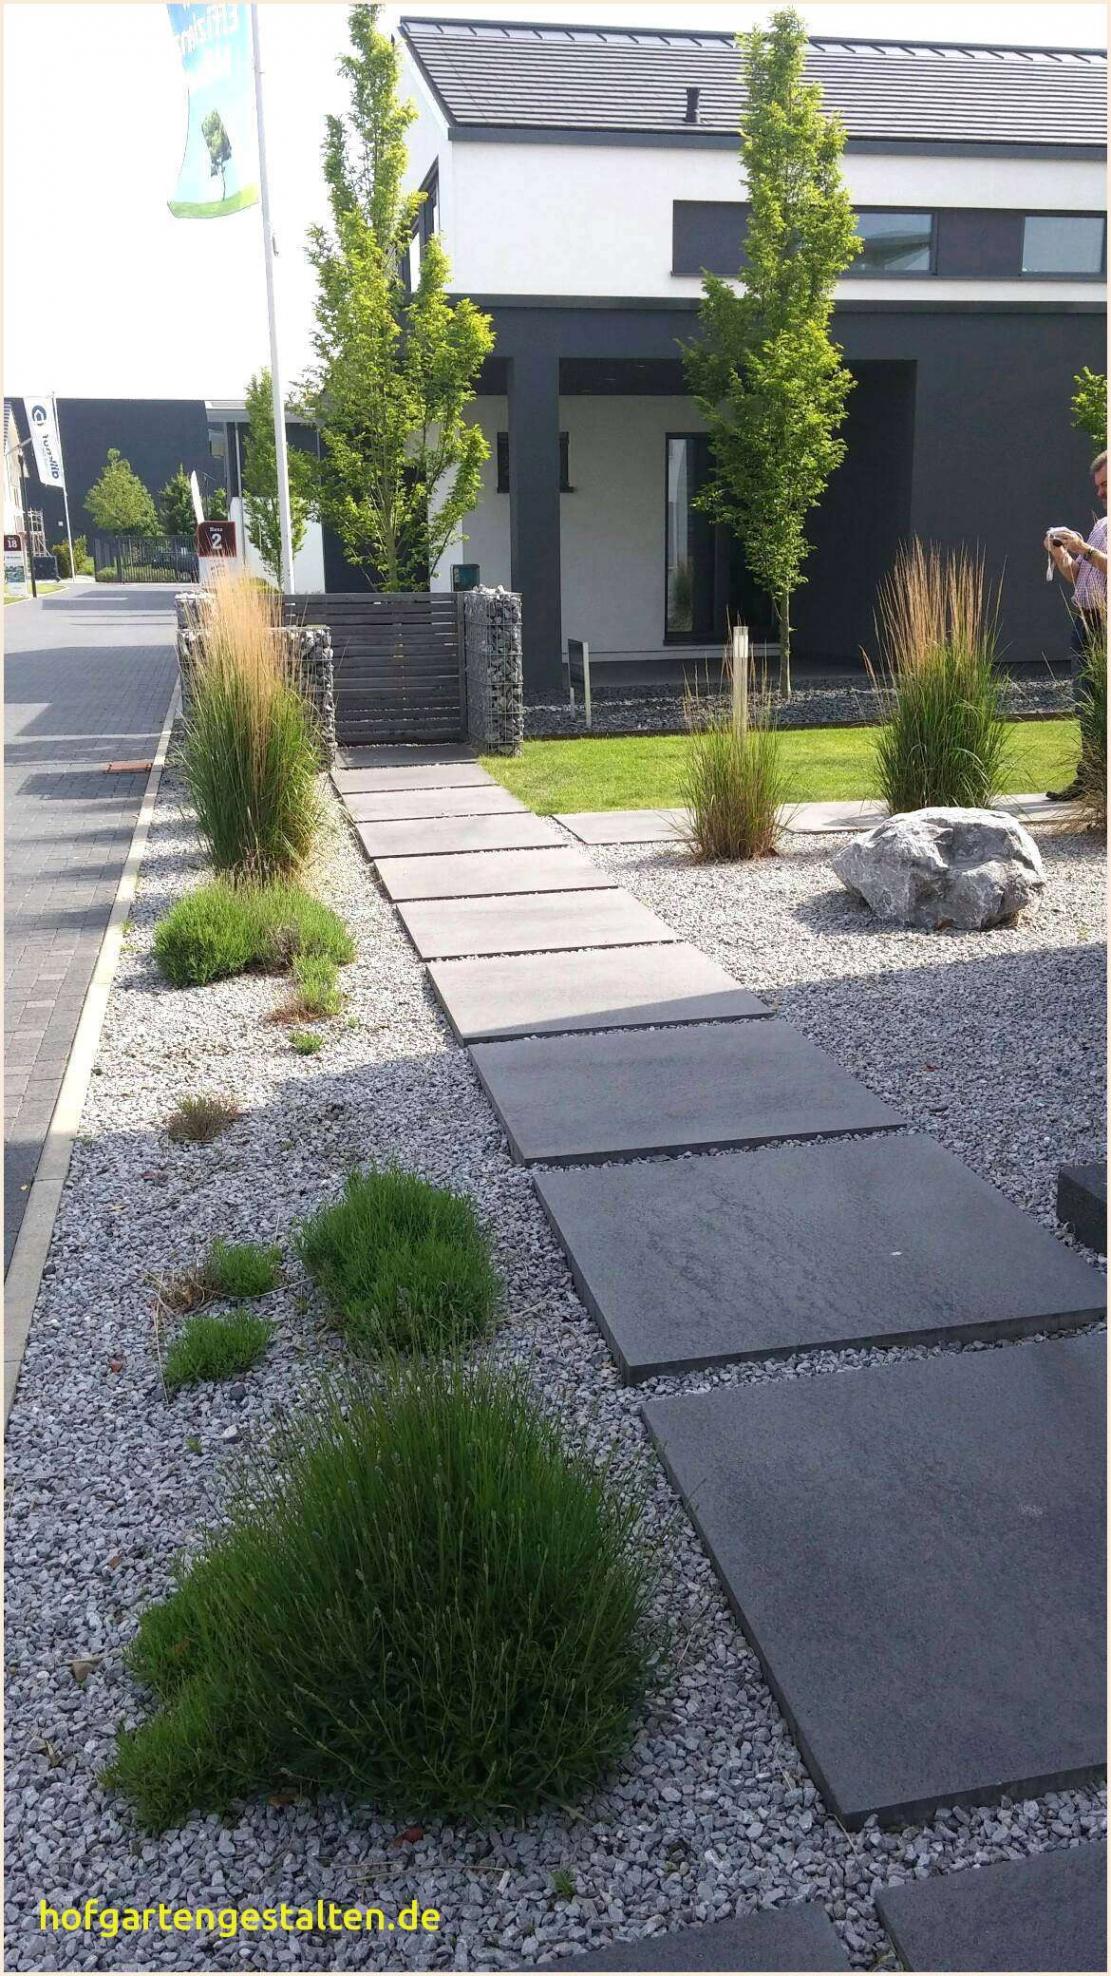 42 elegant kleiner reihenhausgarten foto kleiner reihenhausgarten gestalten kleiner reihenhausgarten gestalten